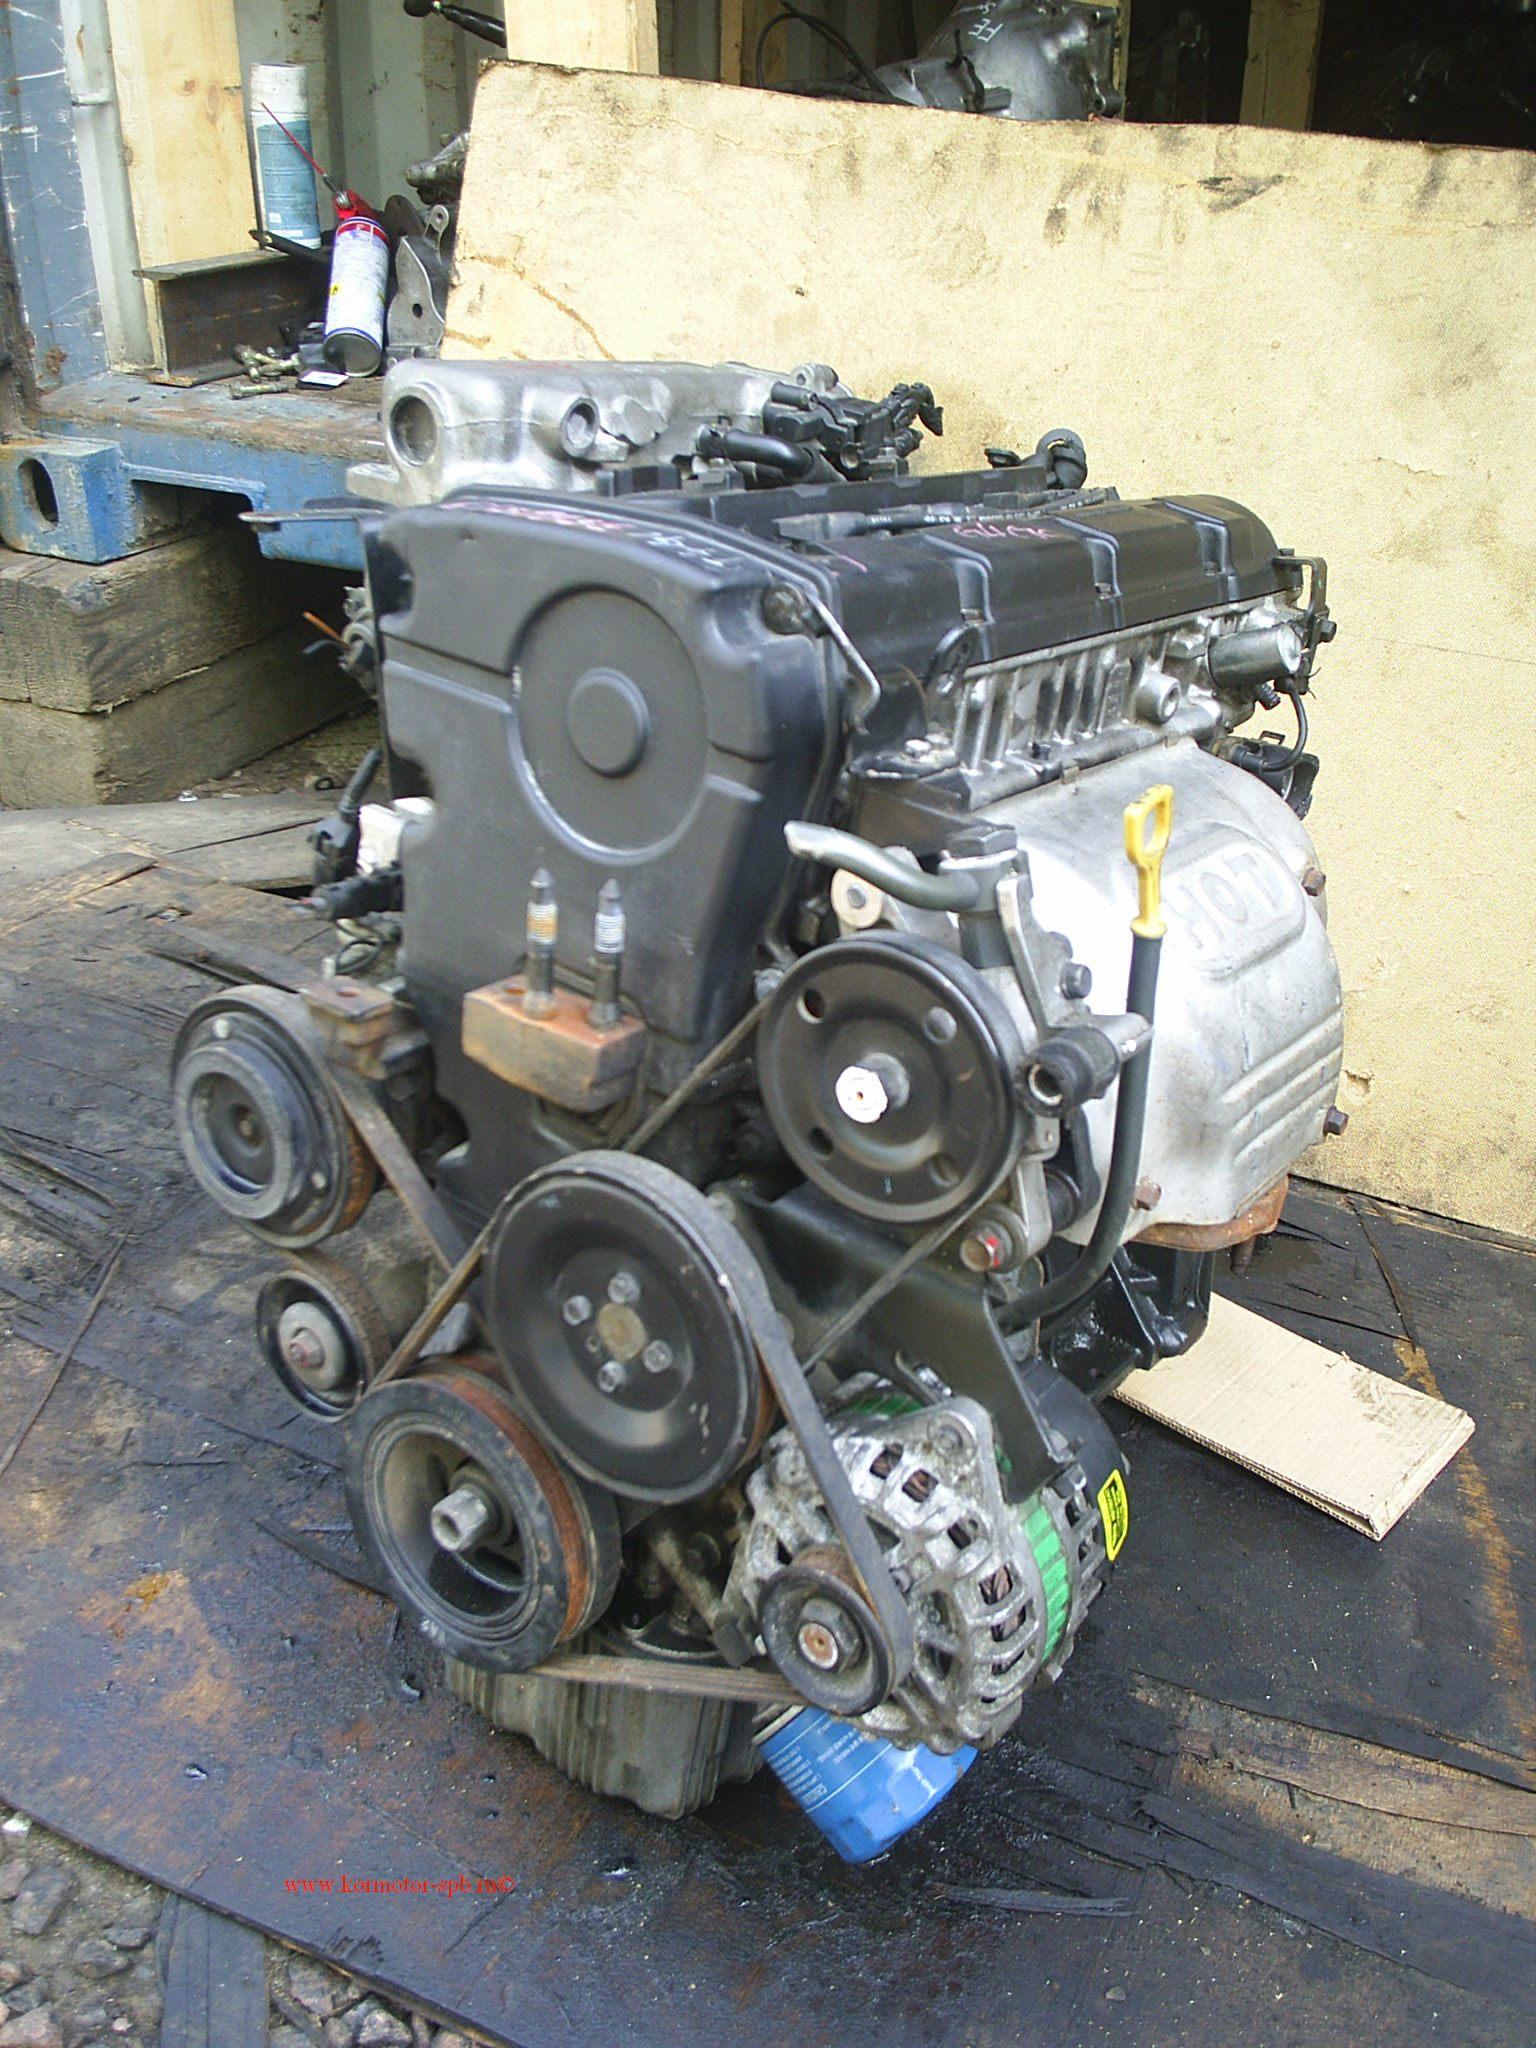 Двигатель G4GC Hyundai, Kia KZ34402100, 2110123J40, 2110123H40B, KZ34302100, 2110023751, 2110123N40, 2110123N20, 2110123J10, 2110123J00, 2110138B20, 2110138B00